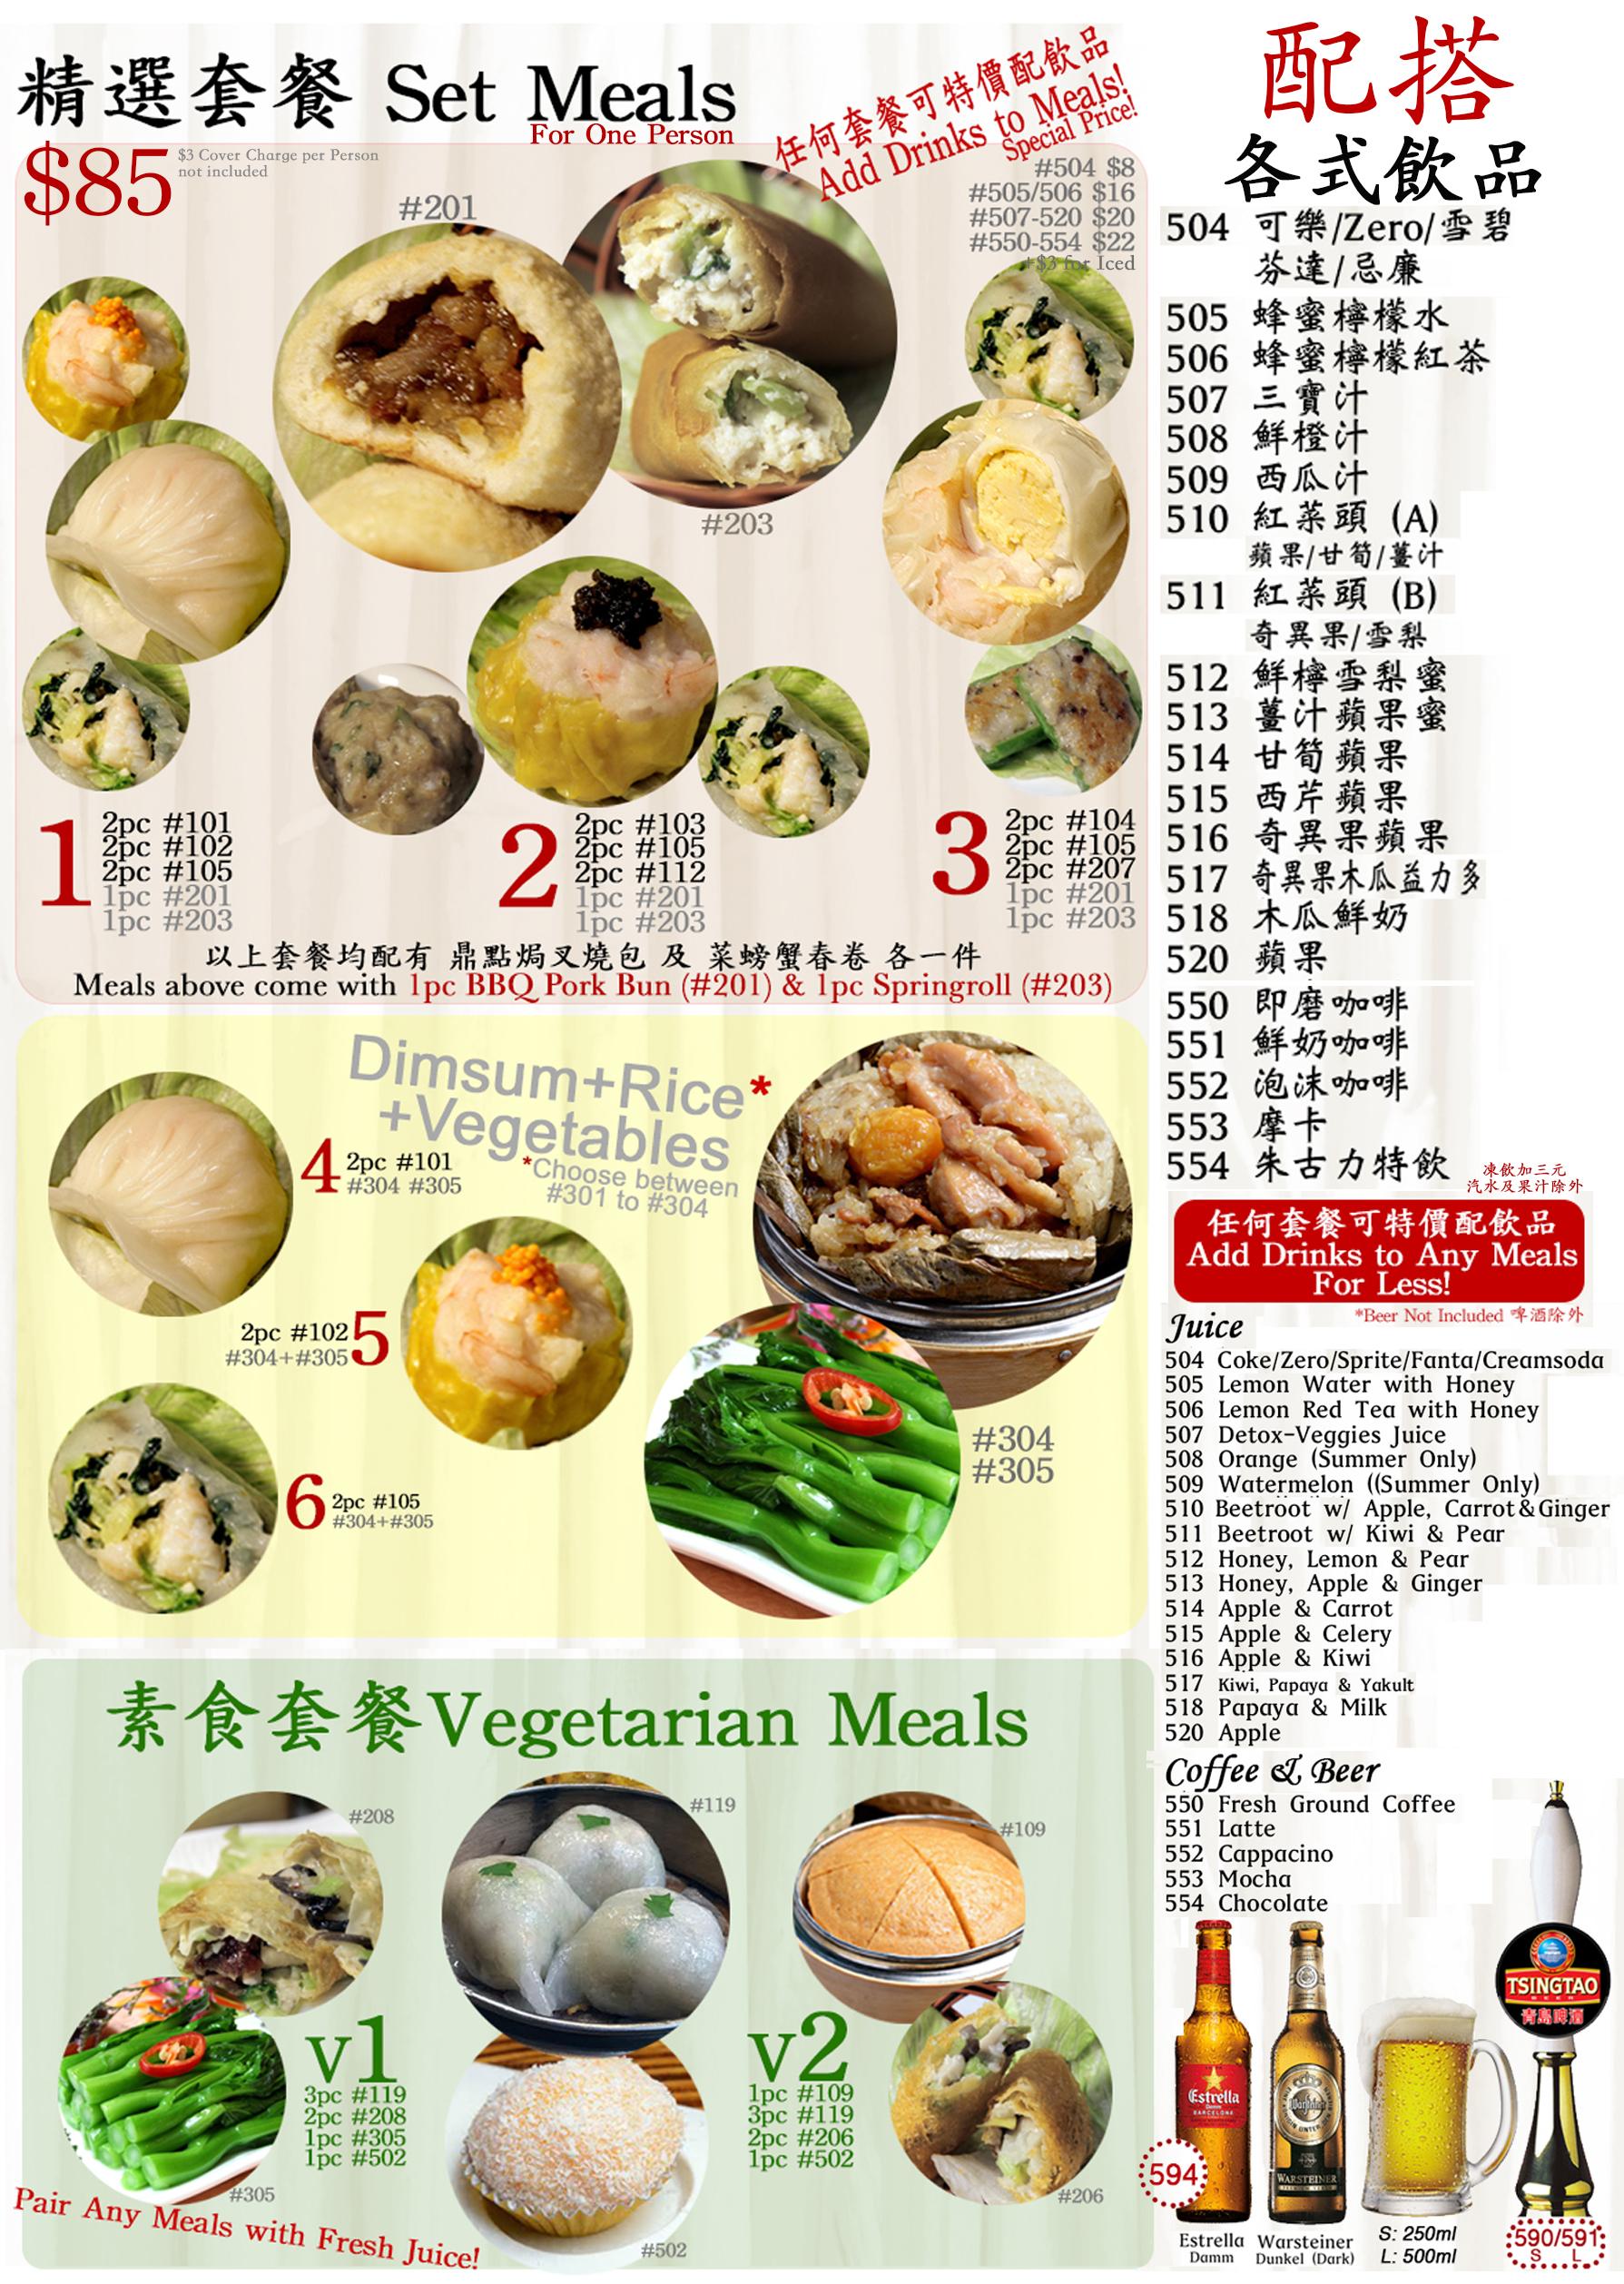 meals_poster20170816_bkf2gu.jpg